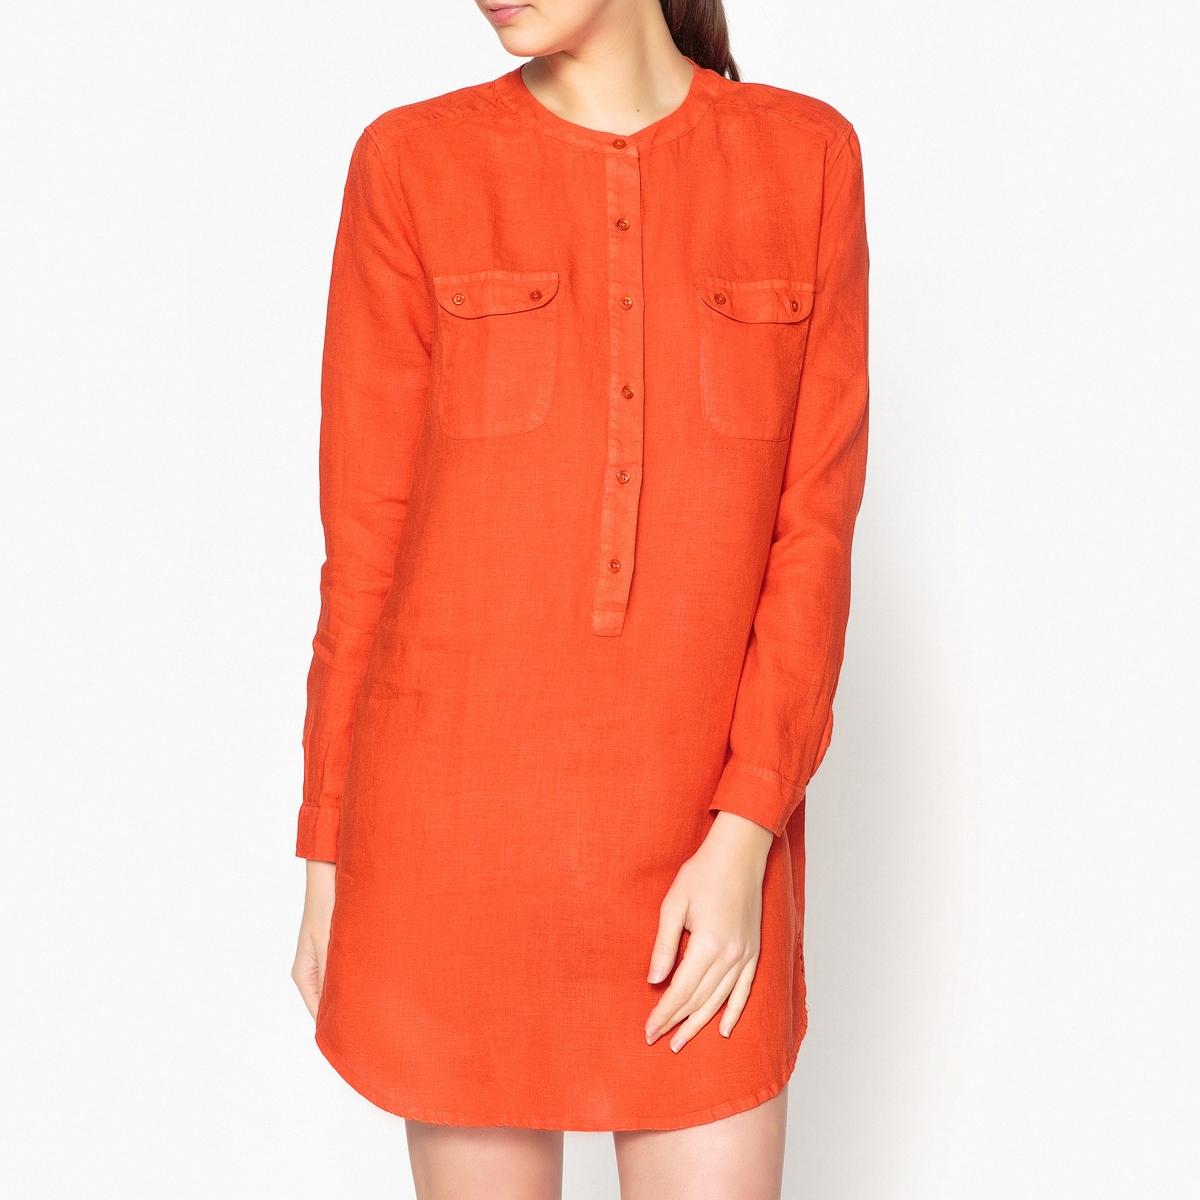 Платье HARRIS WILSON 6115214 от LaRedoute